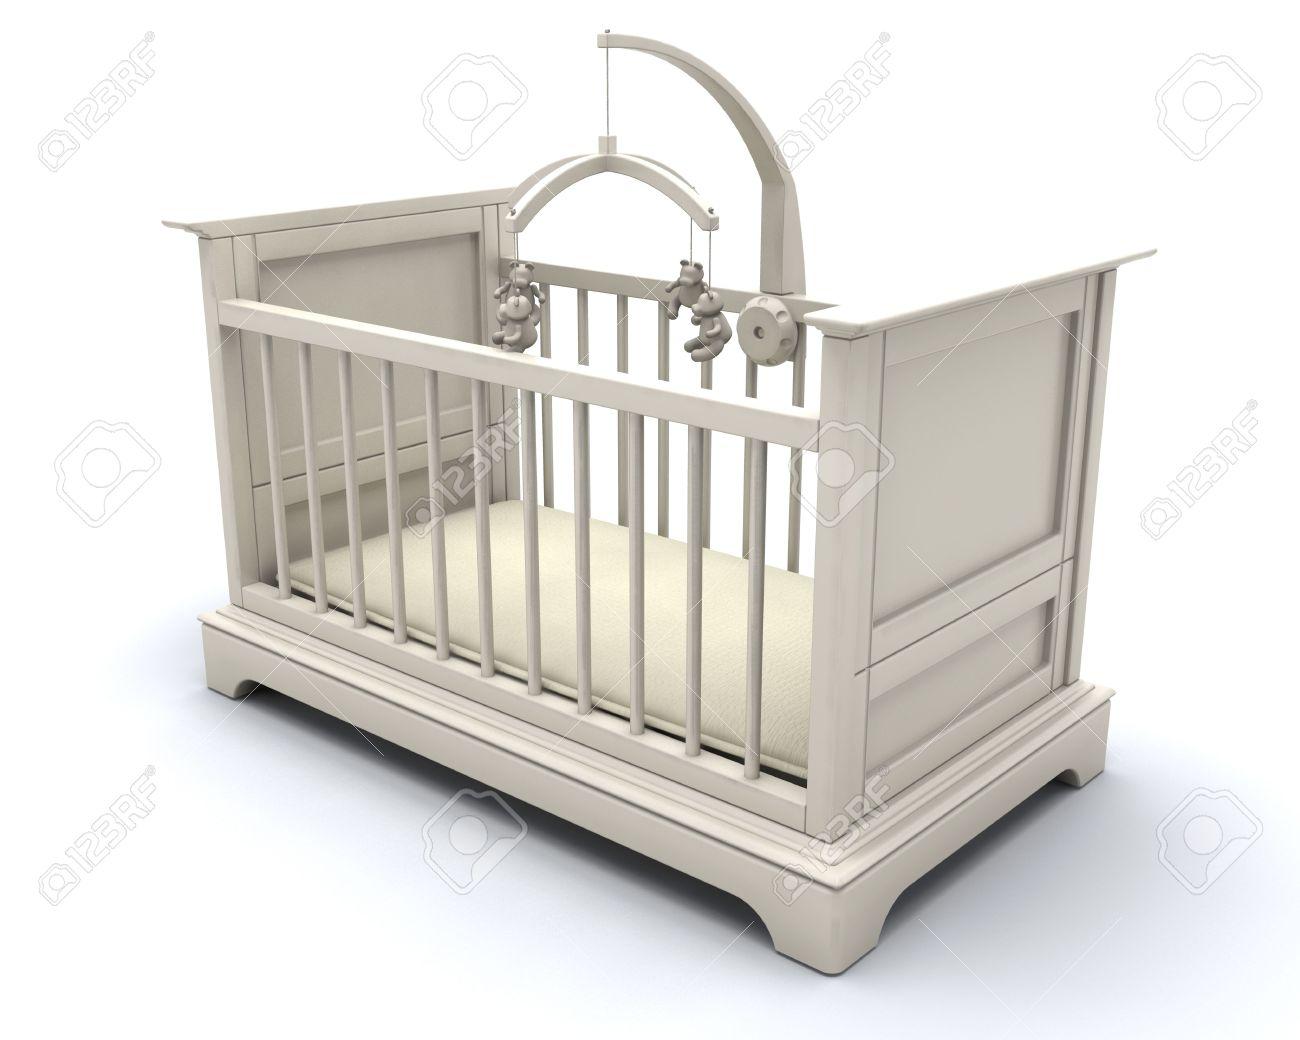 3D Render De Una Cuna Para Un Bebé Fotos, Retratos, Imágenes Y ...